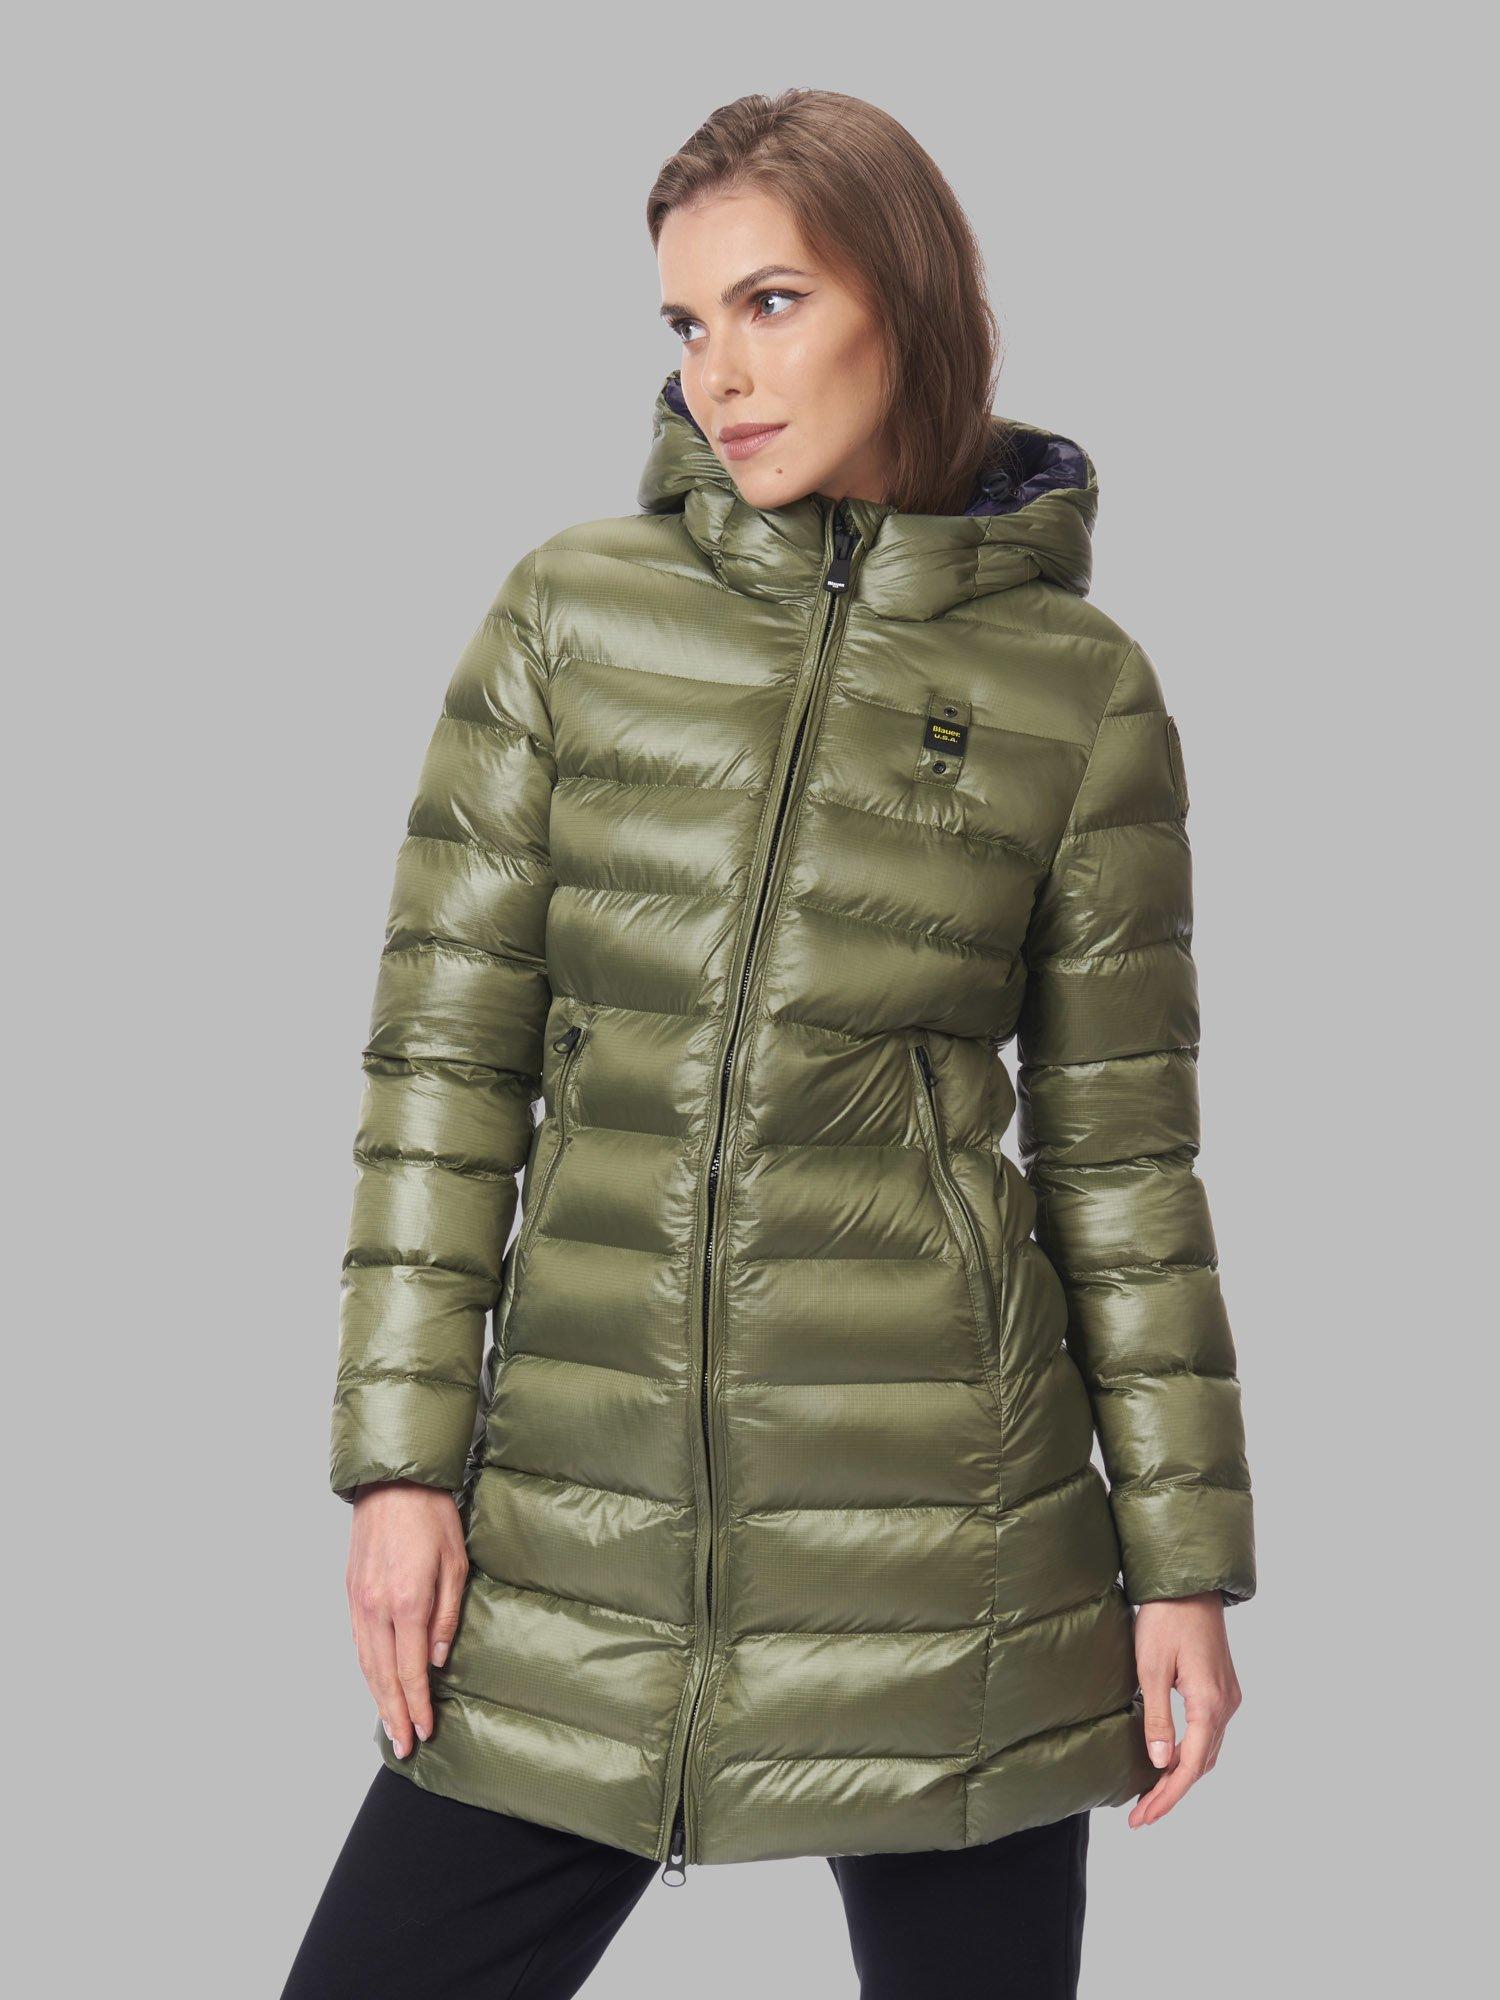 PIUMINO donna LUNGO ECO RENEE | colore verde alpino | Marca BLAUER